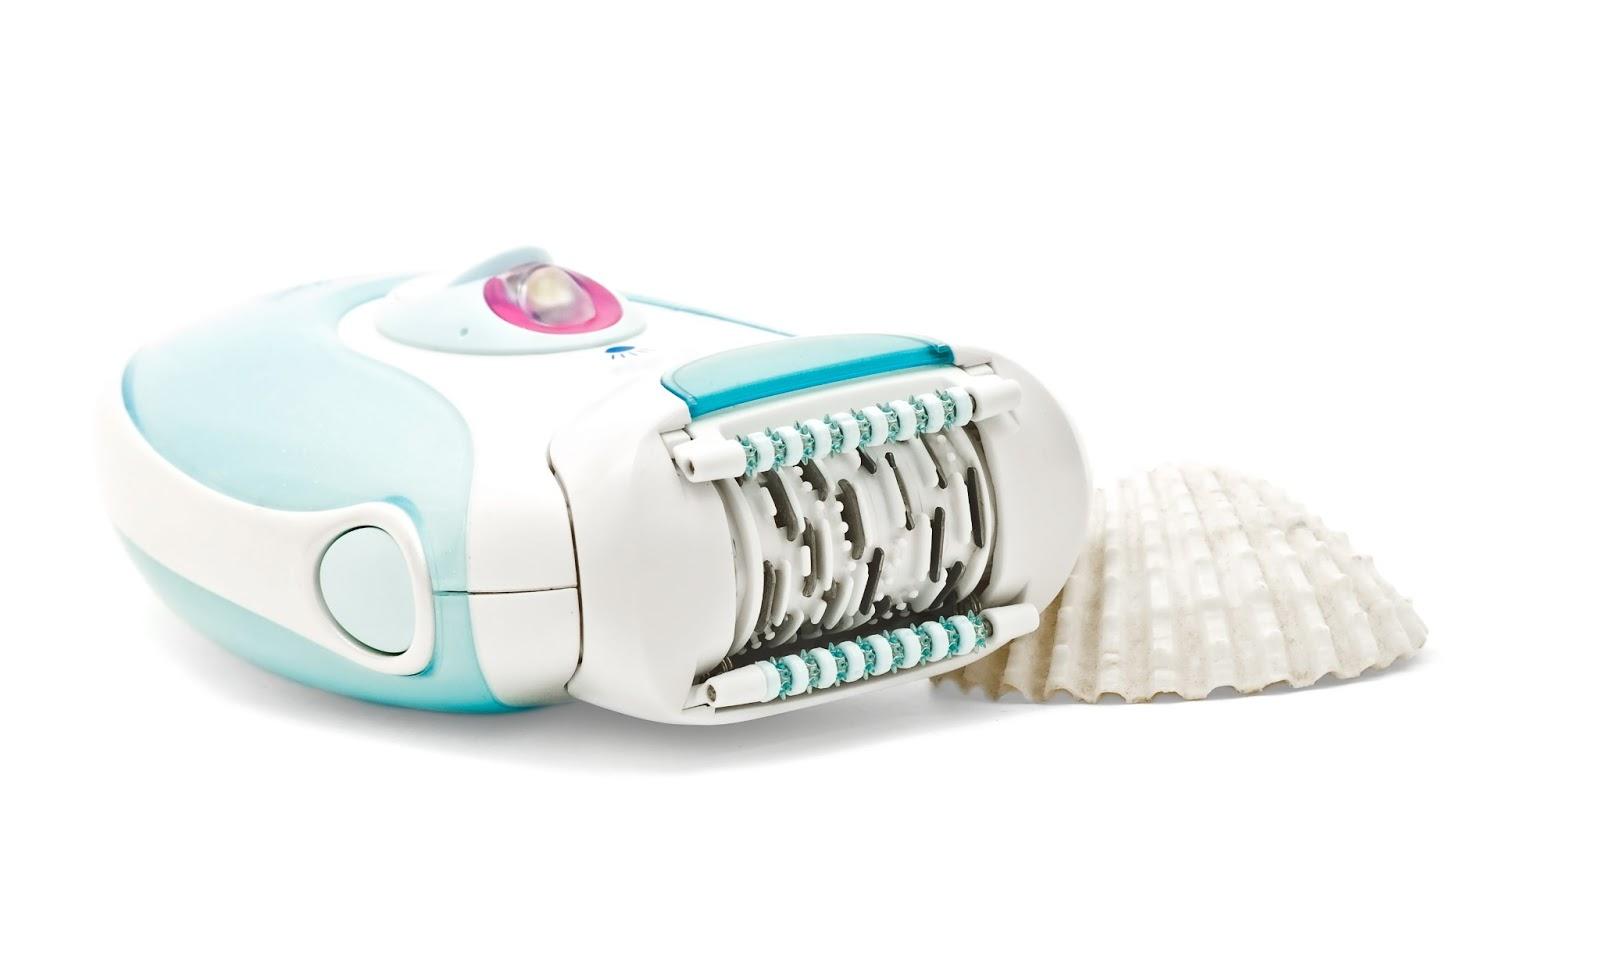 Haarentfernung mit elektrischem Epiliergerät